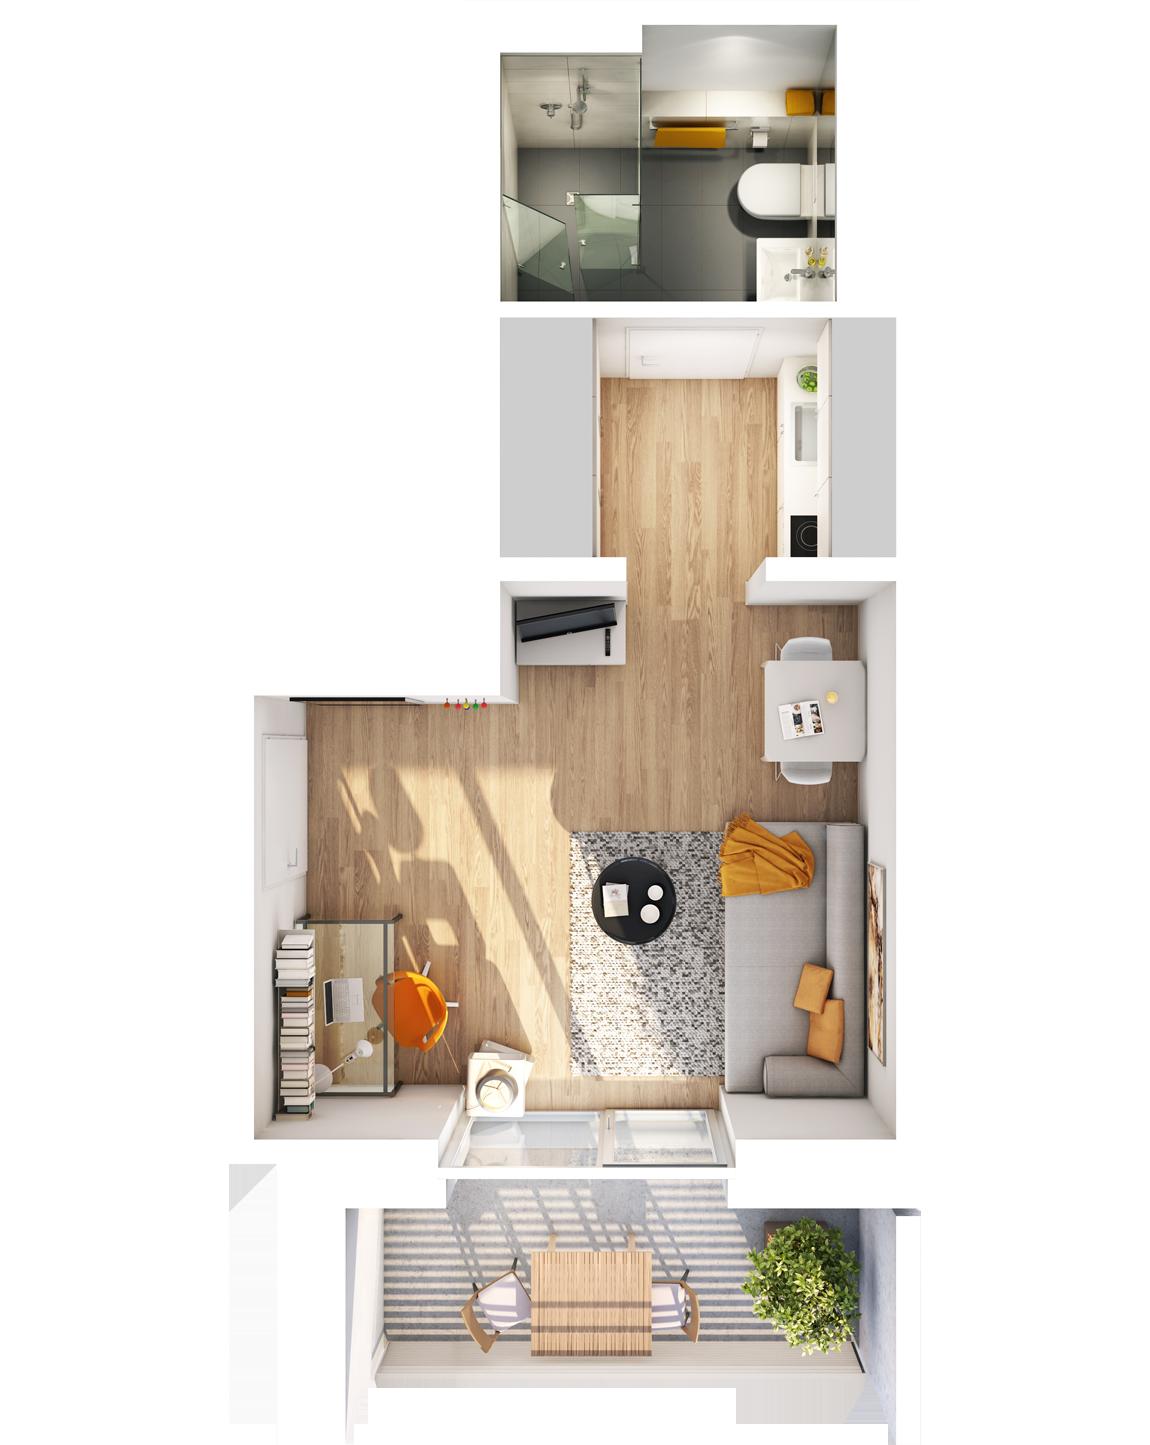 Visualisierung Beispiel 1-Zimmer-Wohnung Typ C mit Bad, Küchenzeile, Wohnbereich und Balkon im studiosus 5 Apartmenthaus in Augsburg